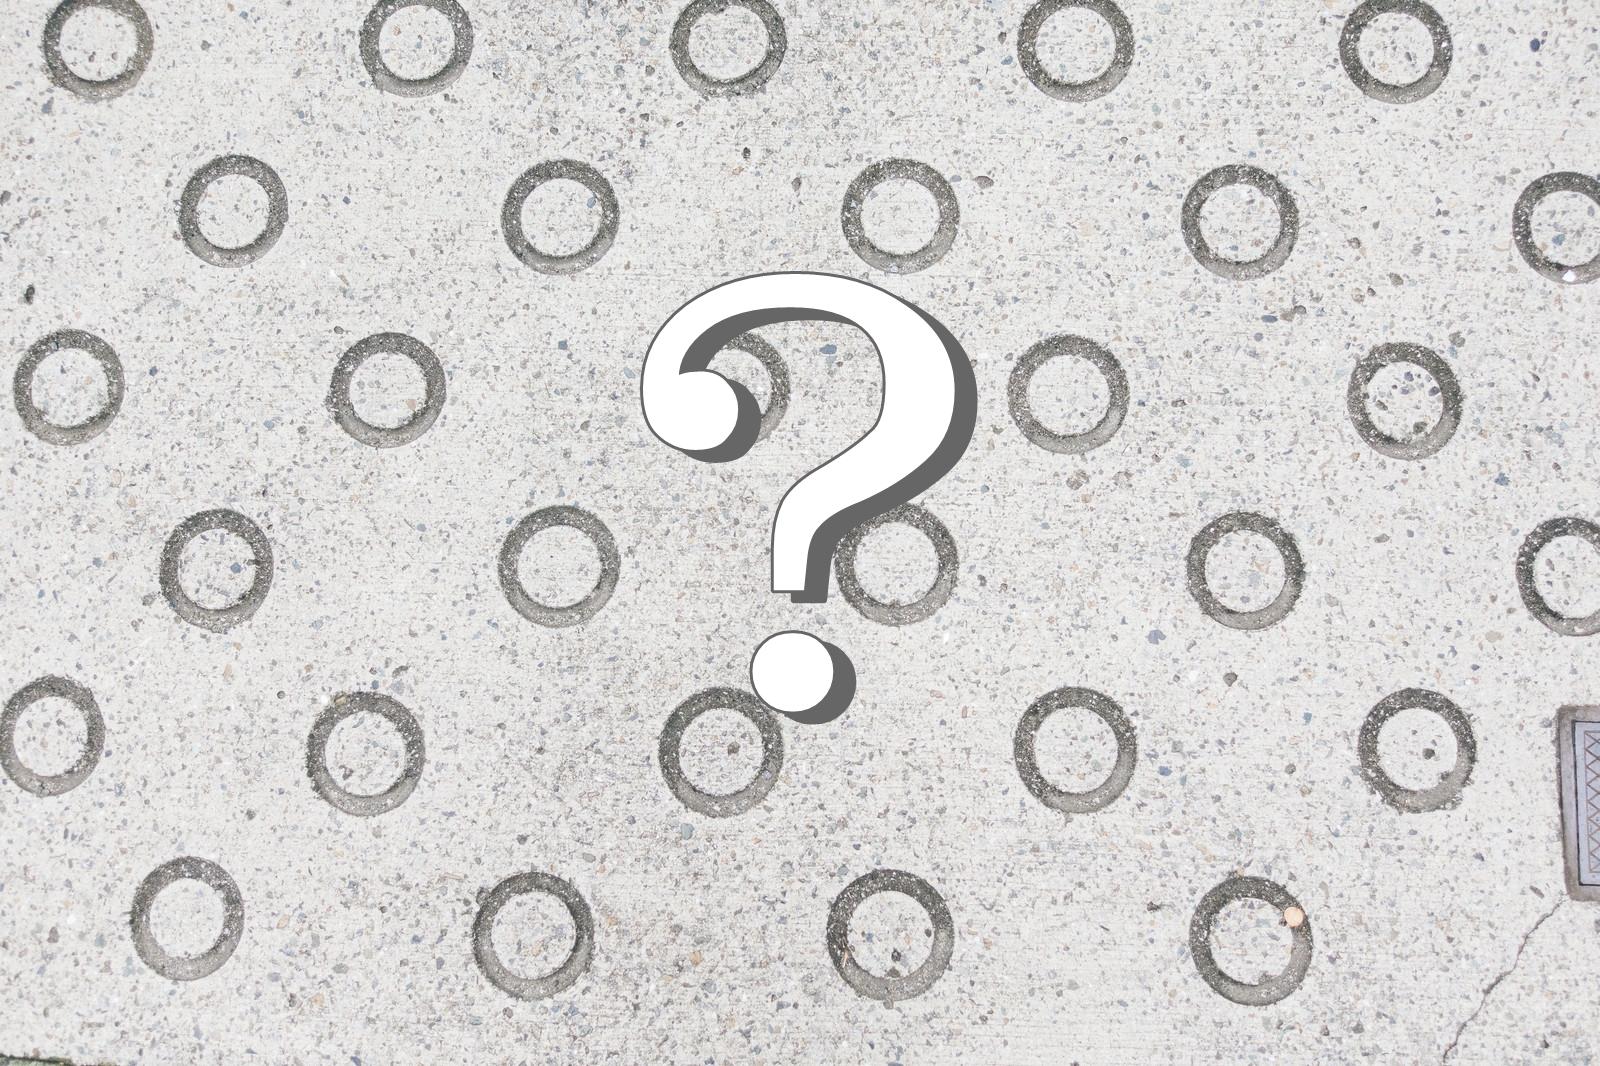 Q.車庫証明は郵送で申請できますか?